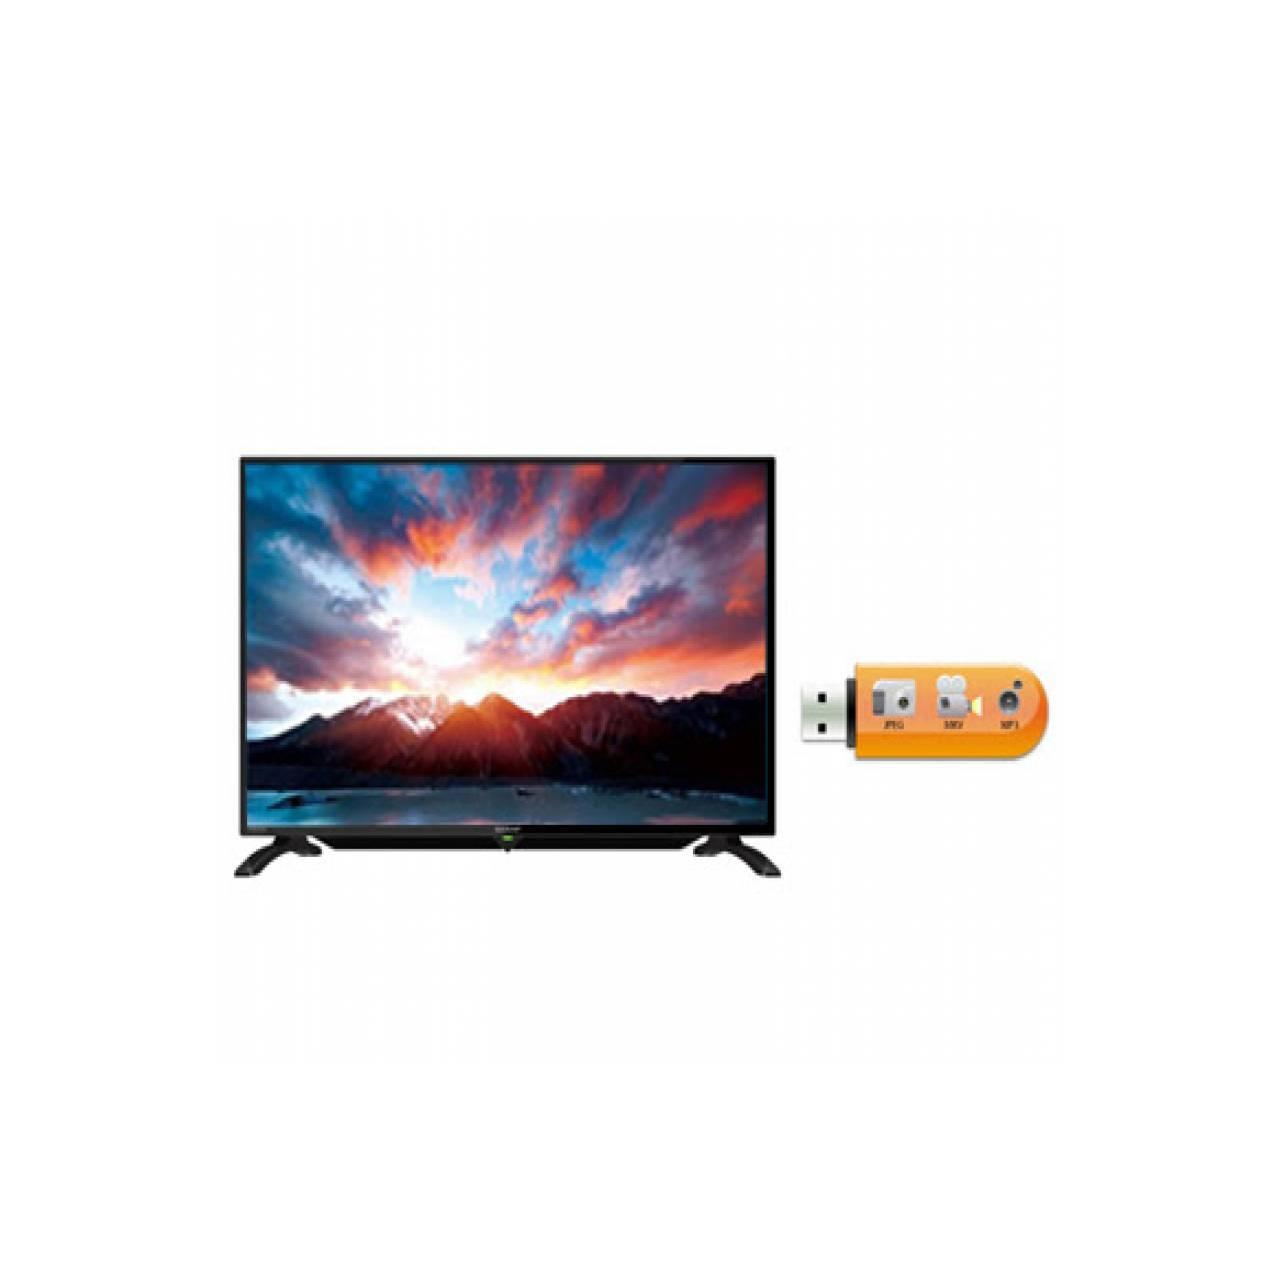 TV LED SHARP AQUOS 32 inch LC-32LE185i